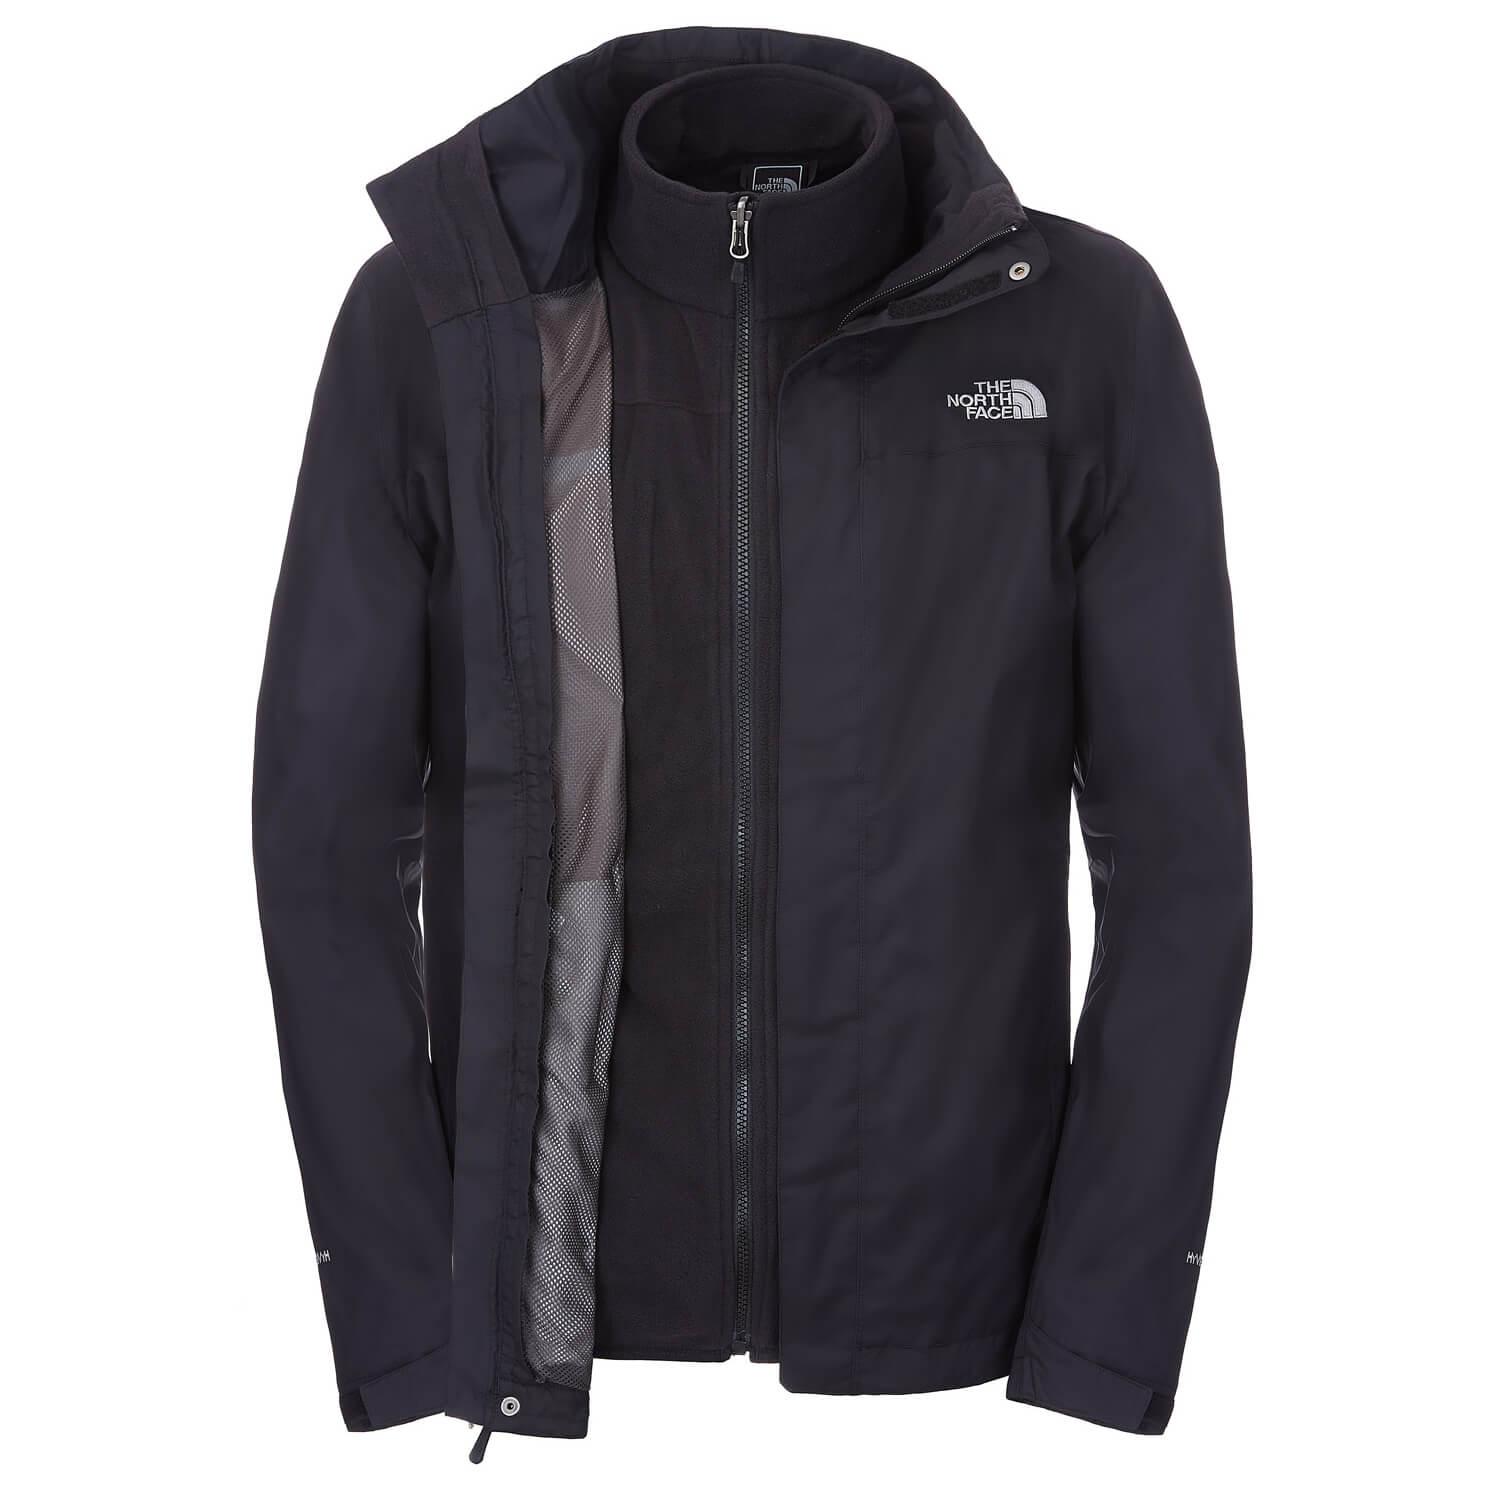 The North Face Evolve II Triclimate Jacket Veste 3 en 1